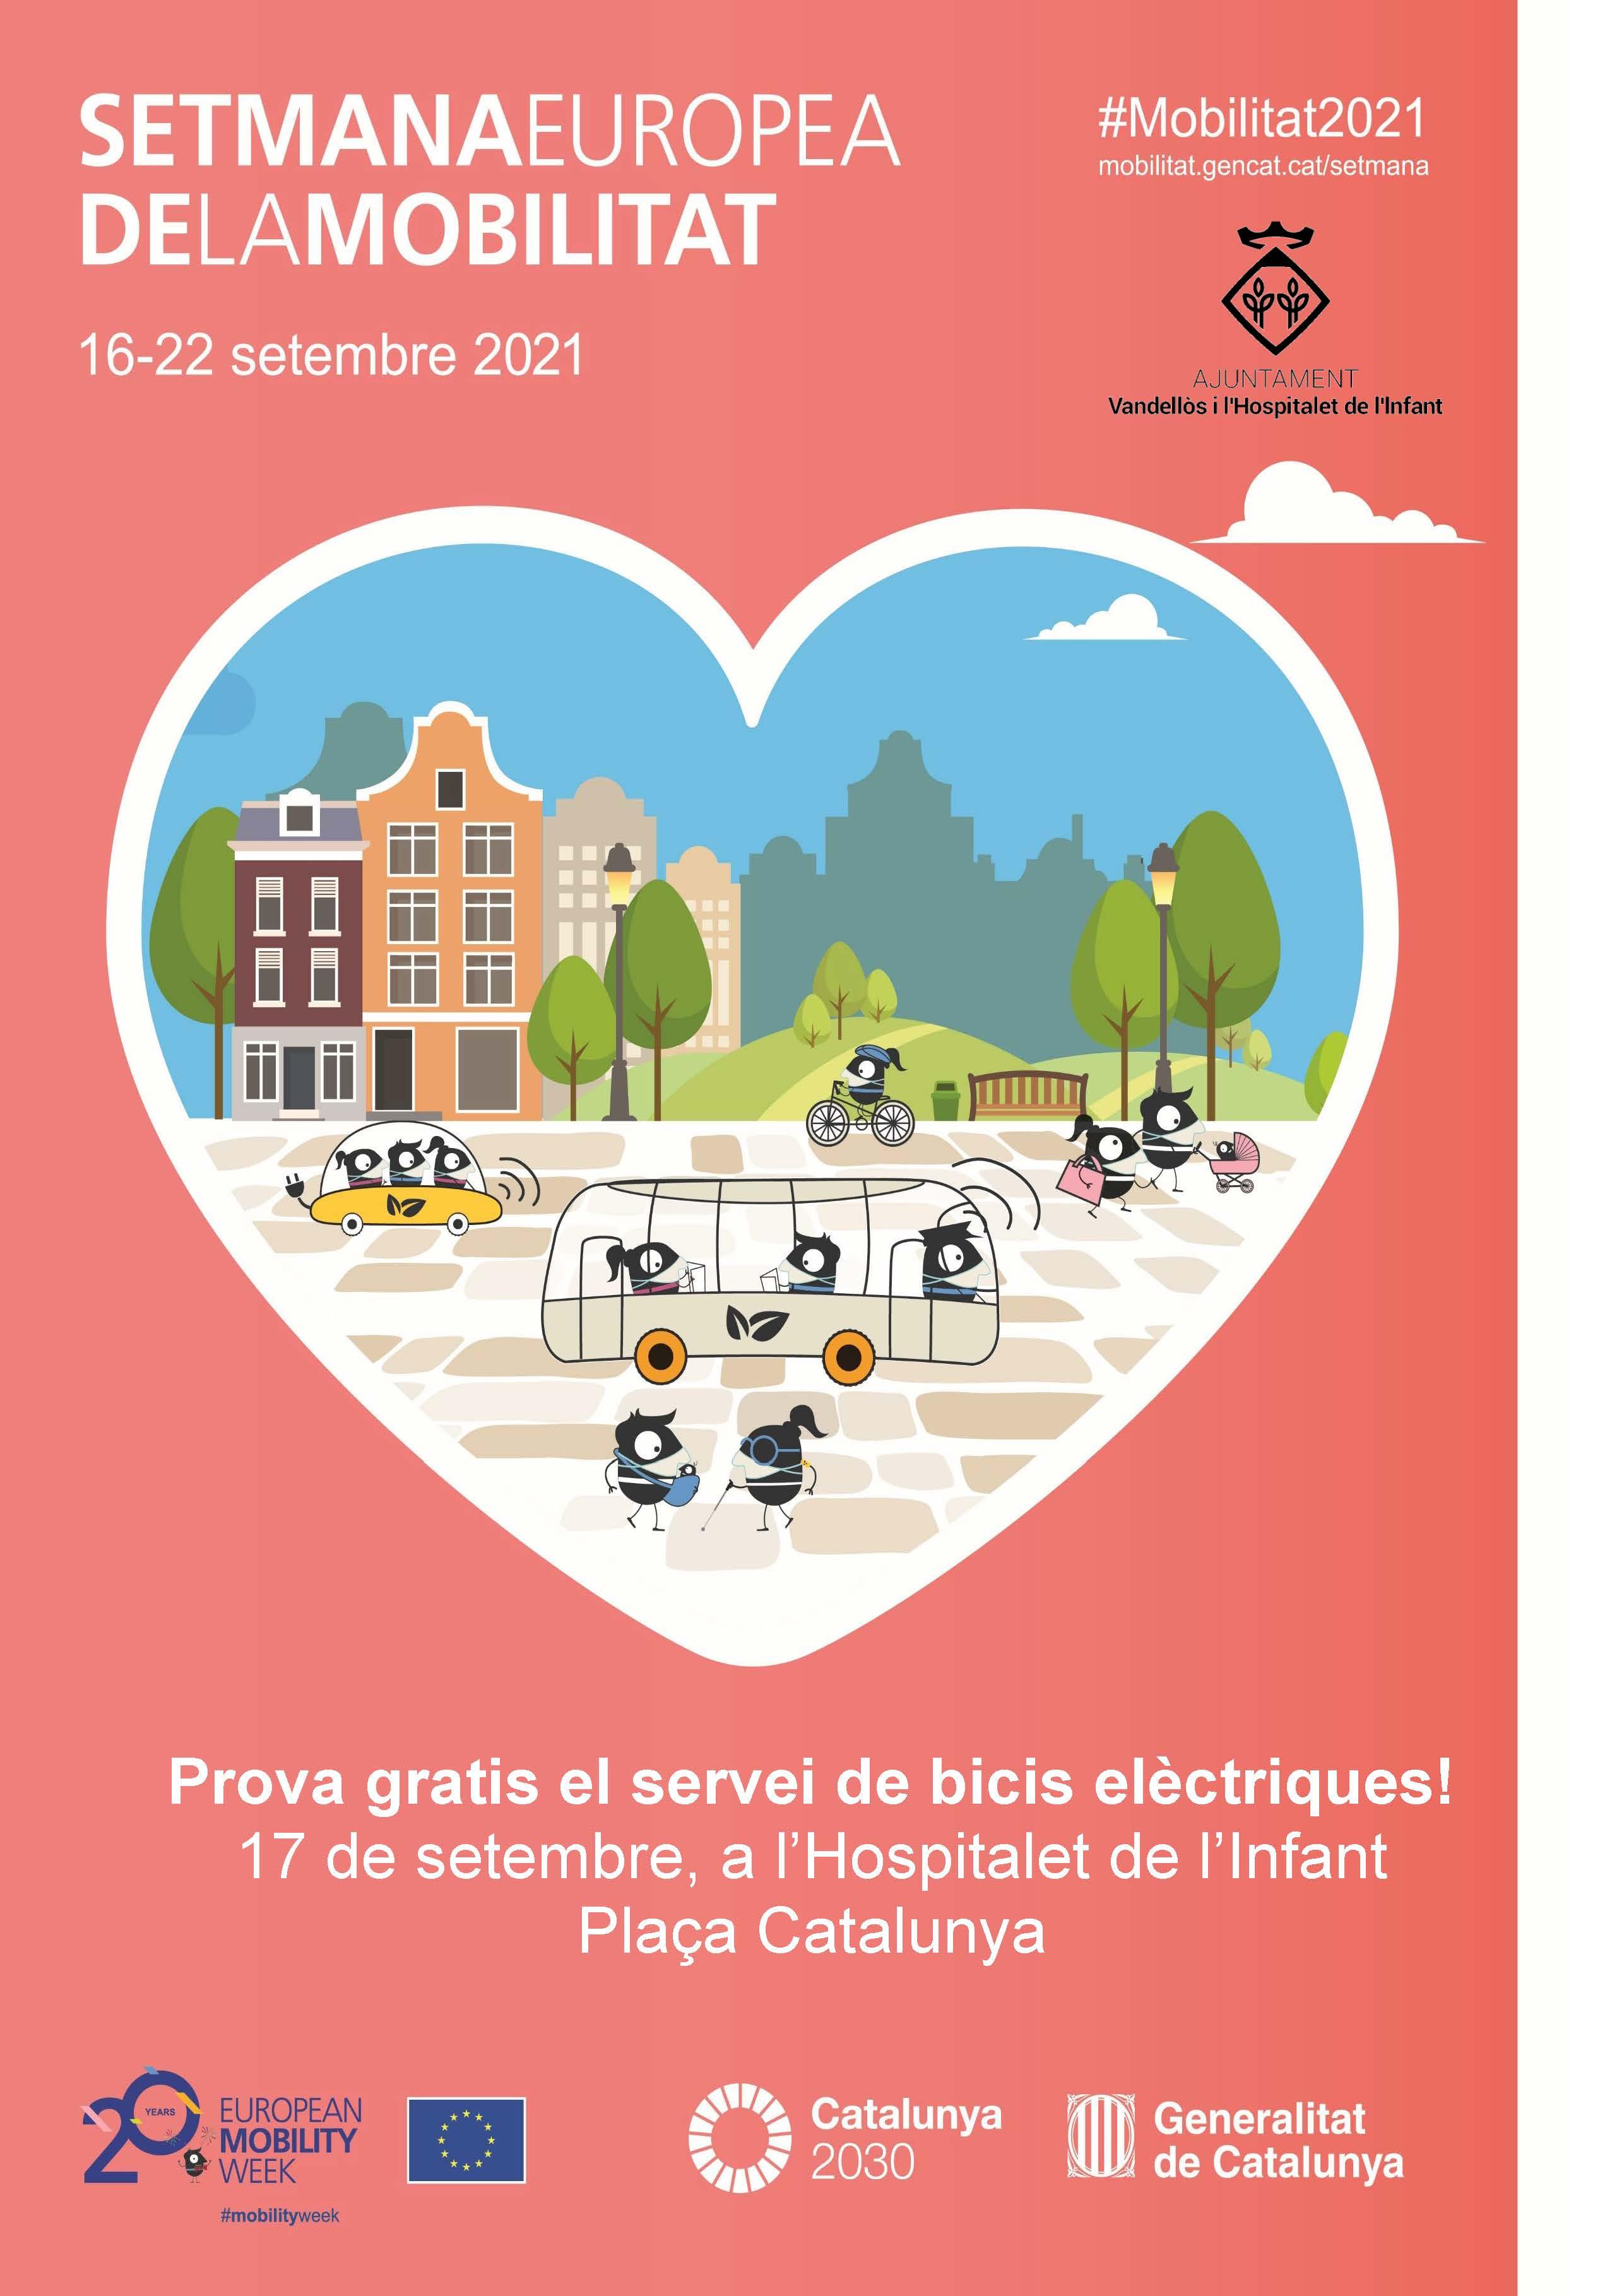 Abonaments gratuïts de 15 minuts per provar el servei públic de lloguer de bicicletes elèctriques, el 17 de setembre a l'Hospitalet de l'Infant